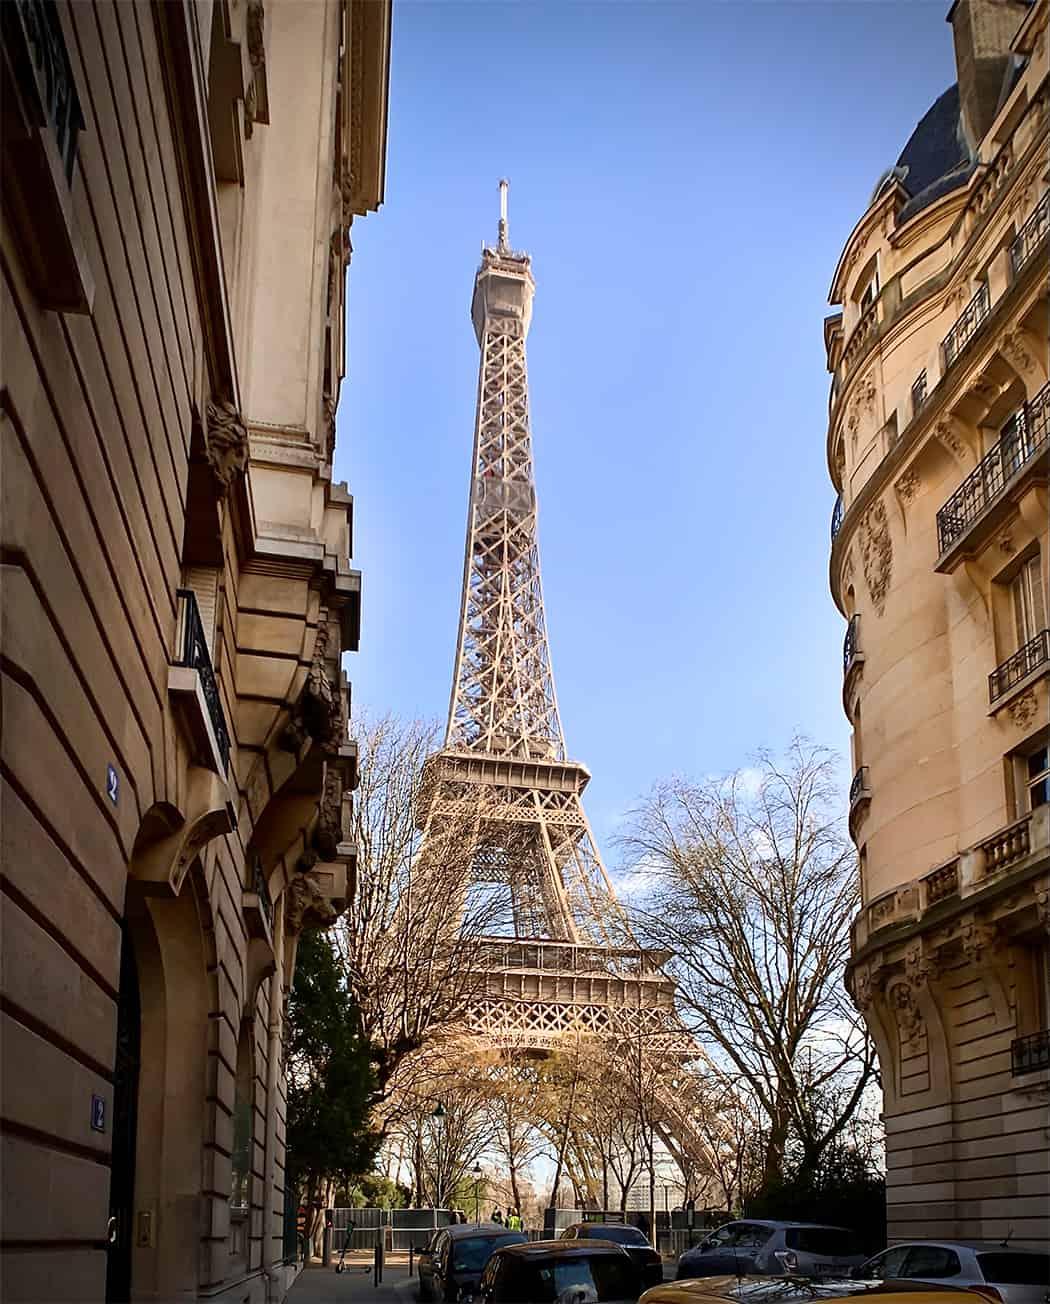 Rue de Buenos Aires la Tour Eiffel